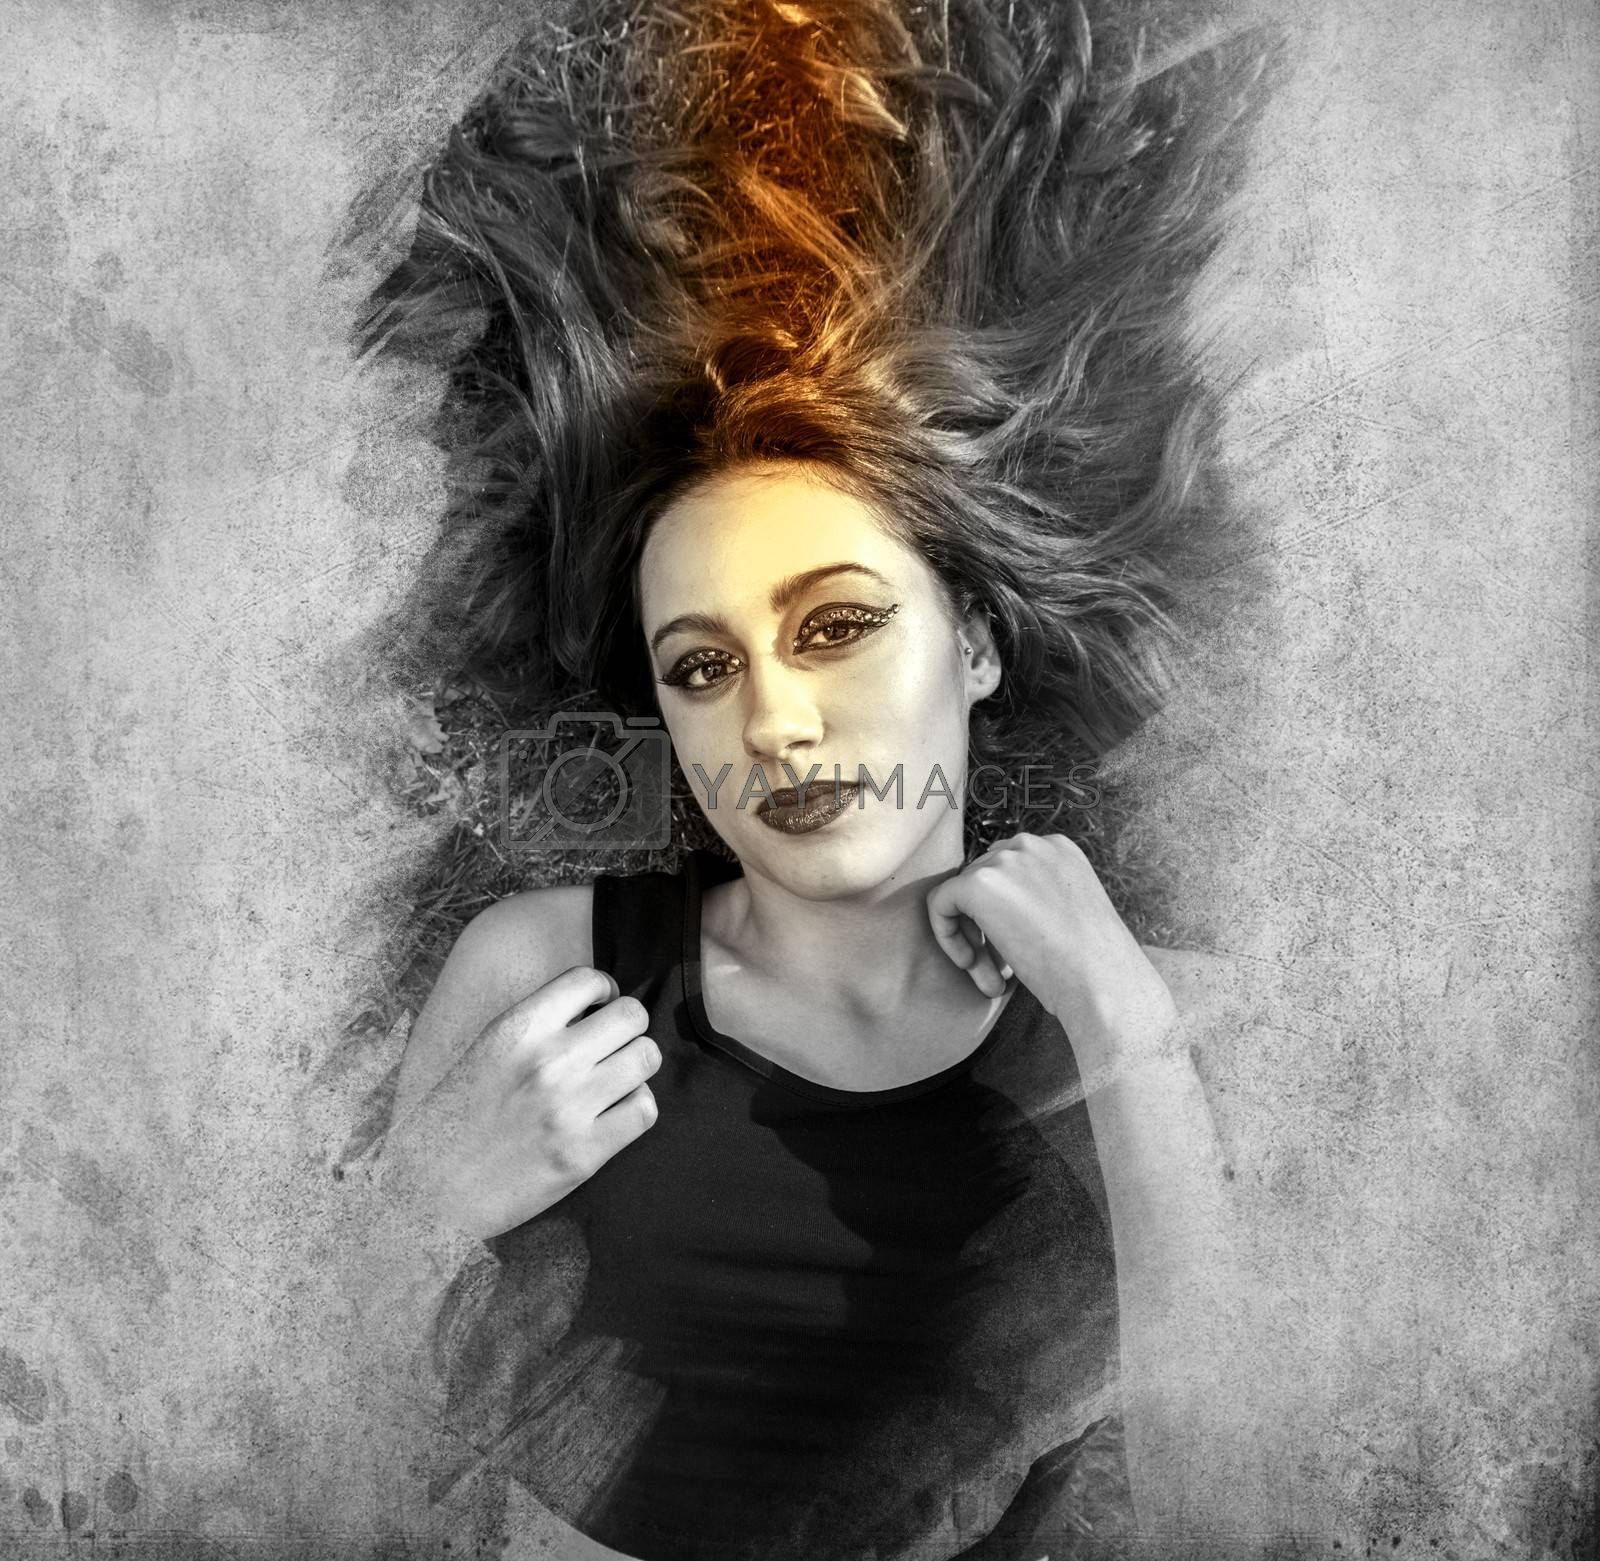 sensual female model. brunette girl artistic style